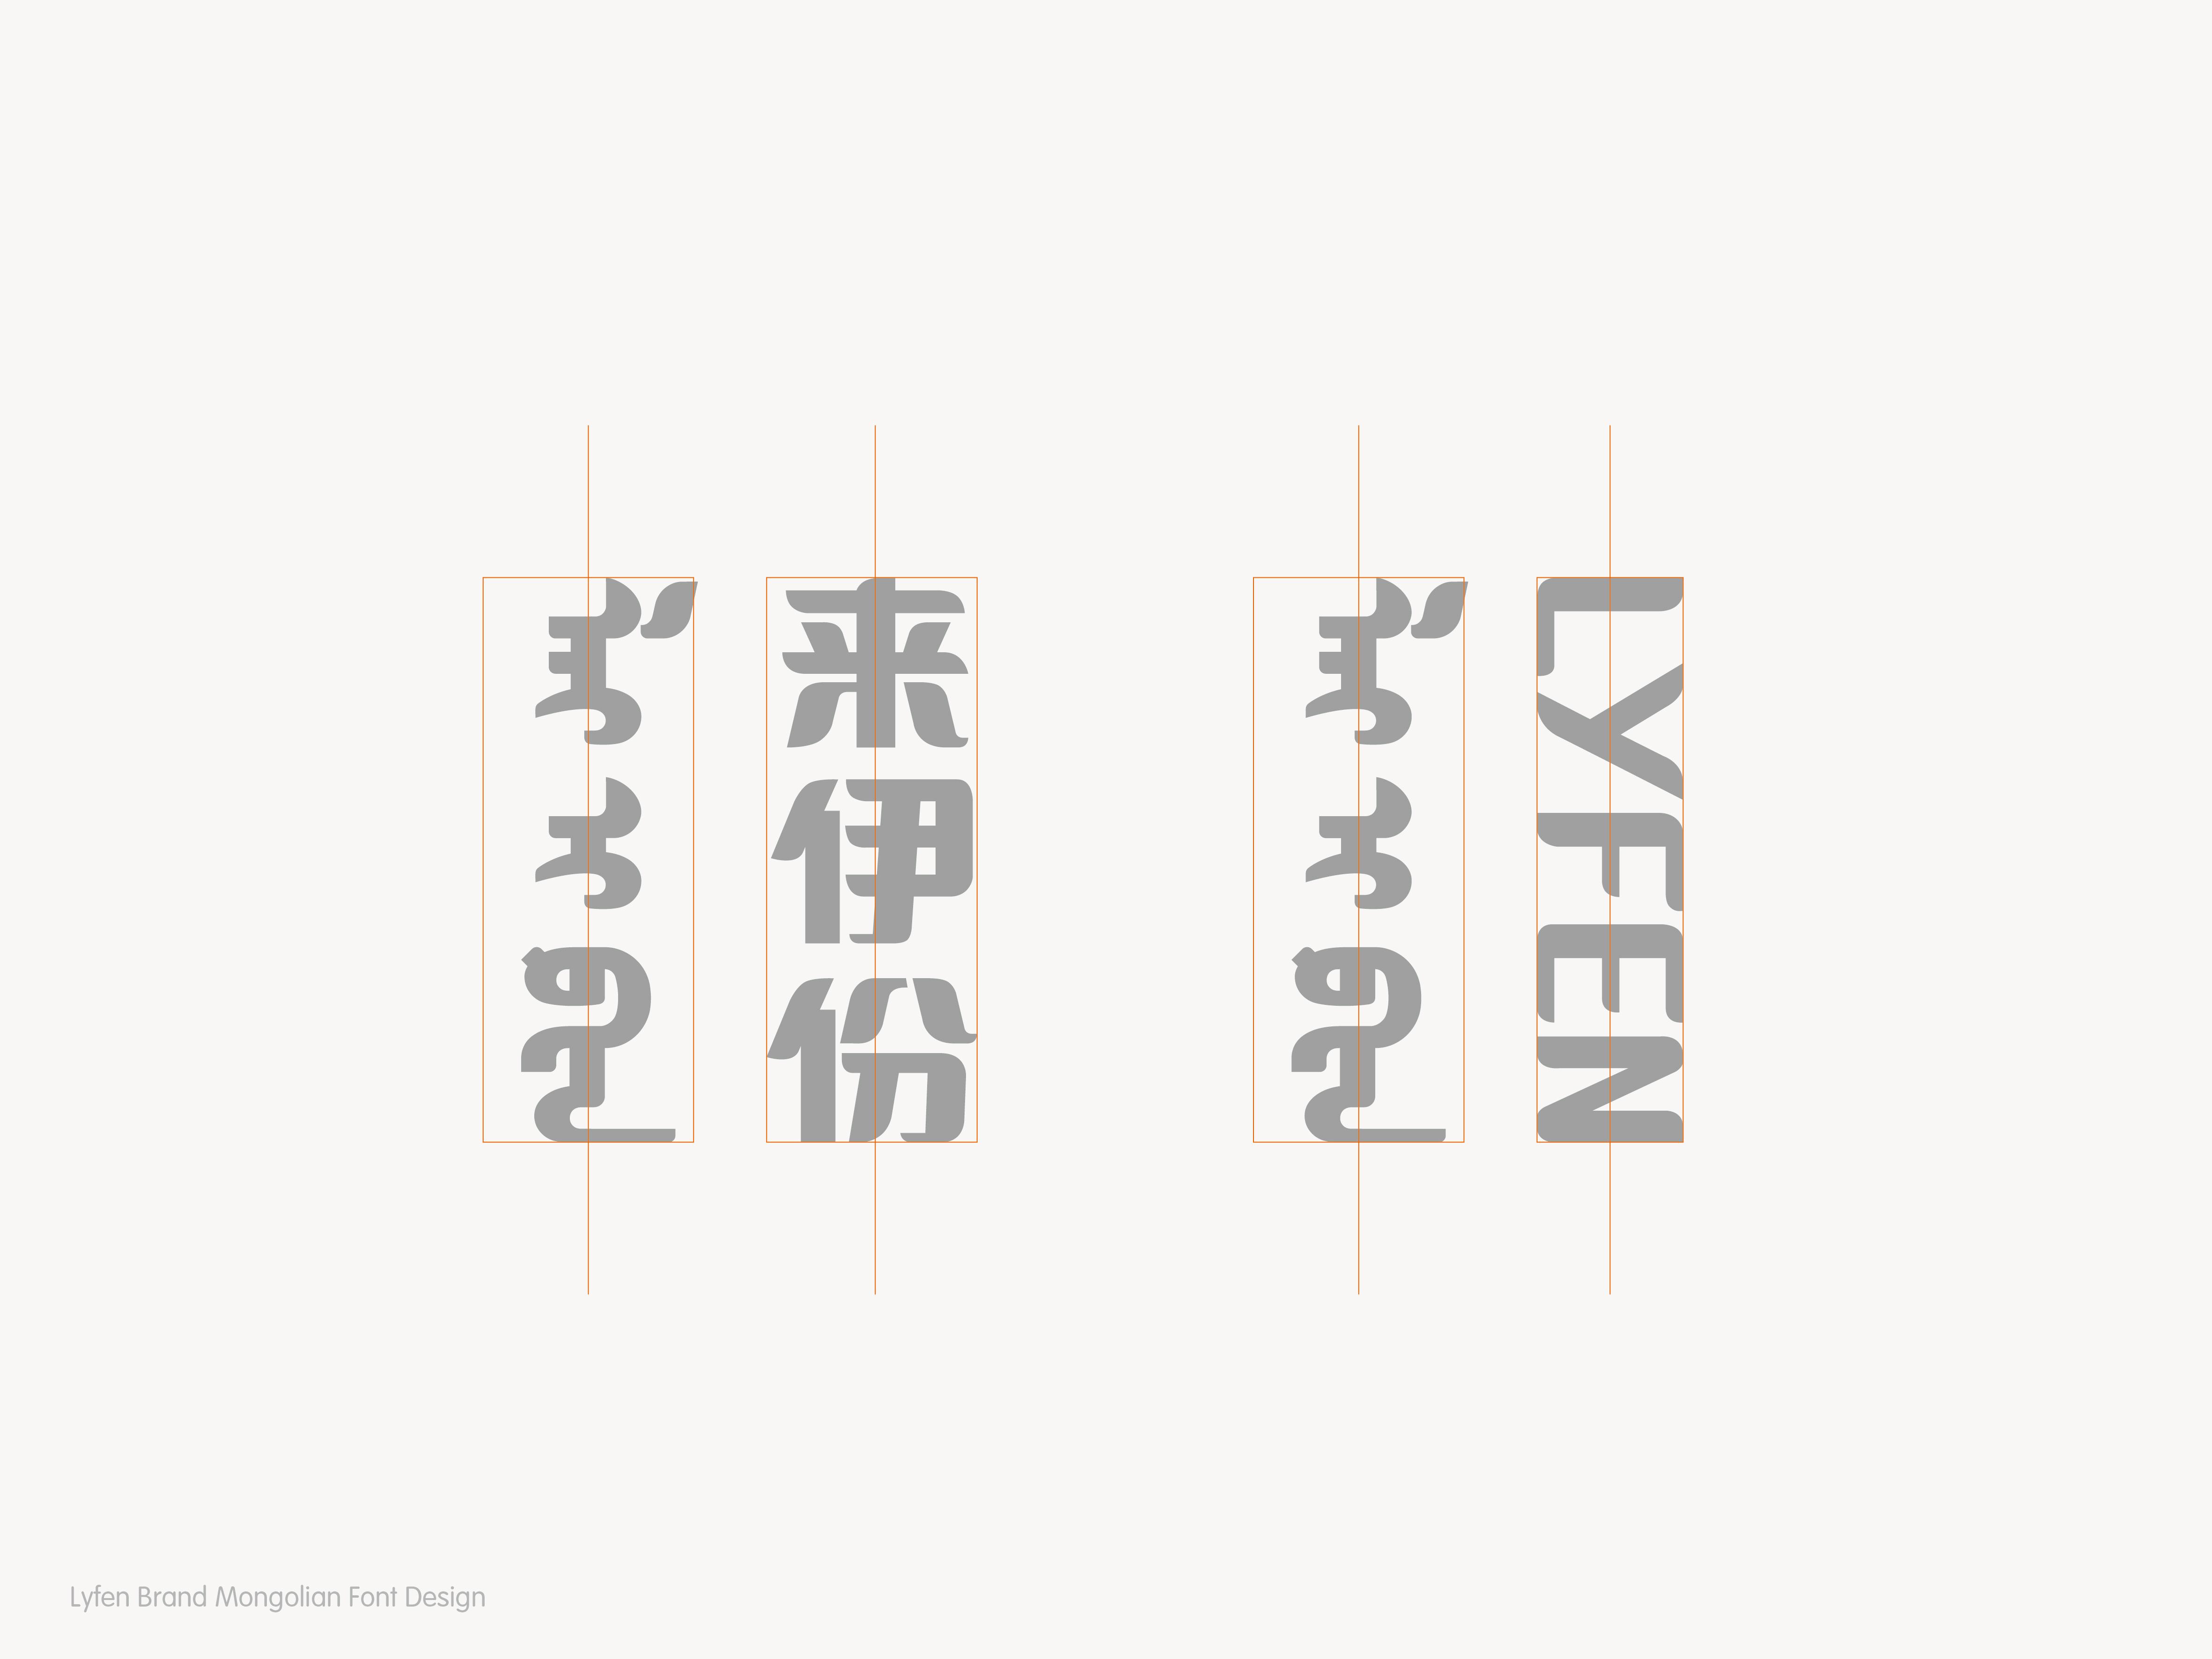 来伊份品牌蒙古文字体设计—包立华 第8张